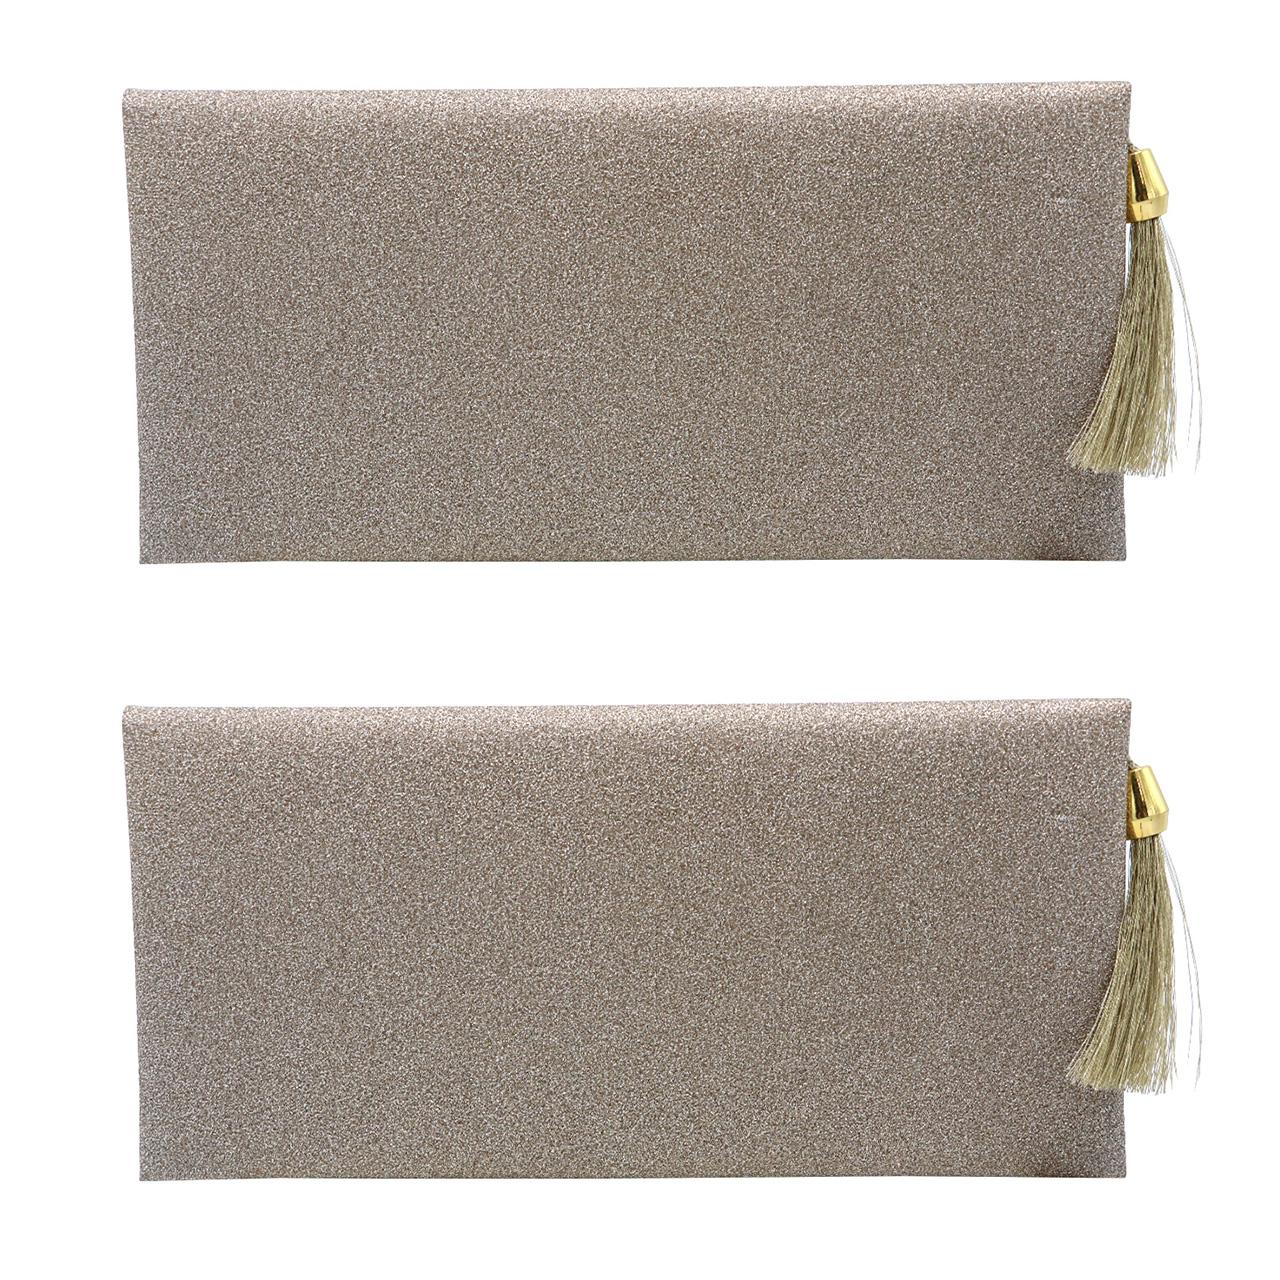 پاکت پول مارکو مدل 03 - بسته 2 عددی